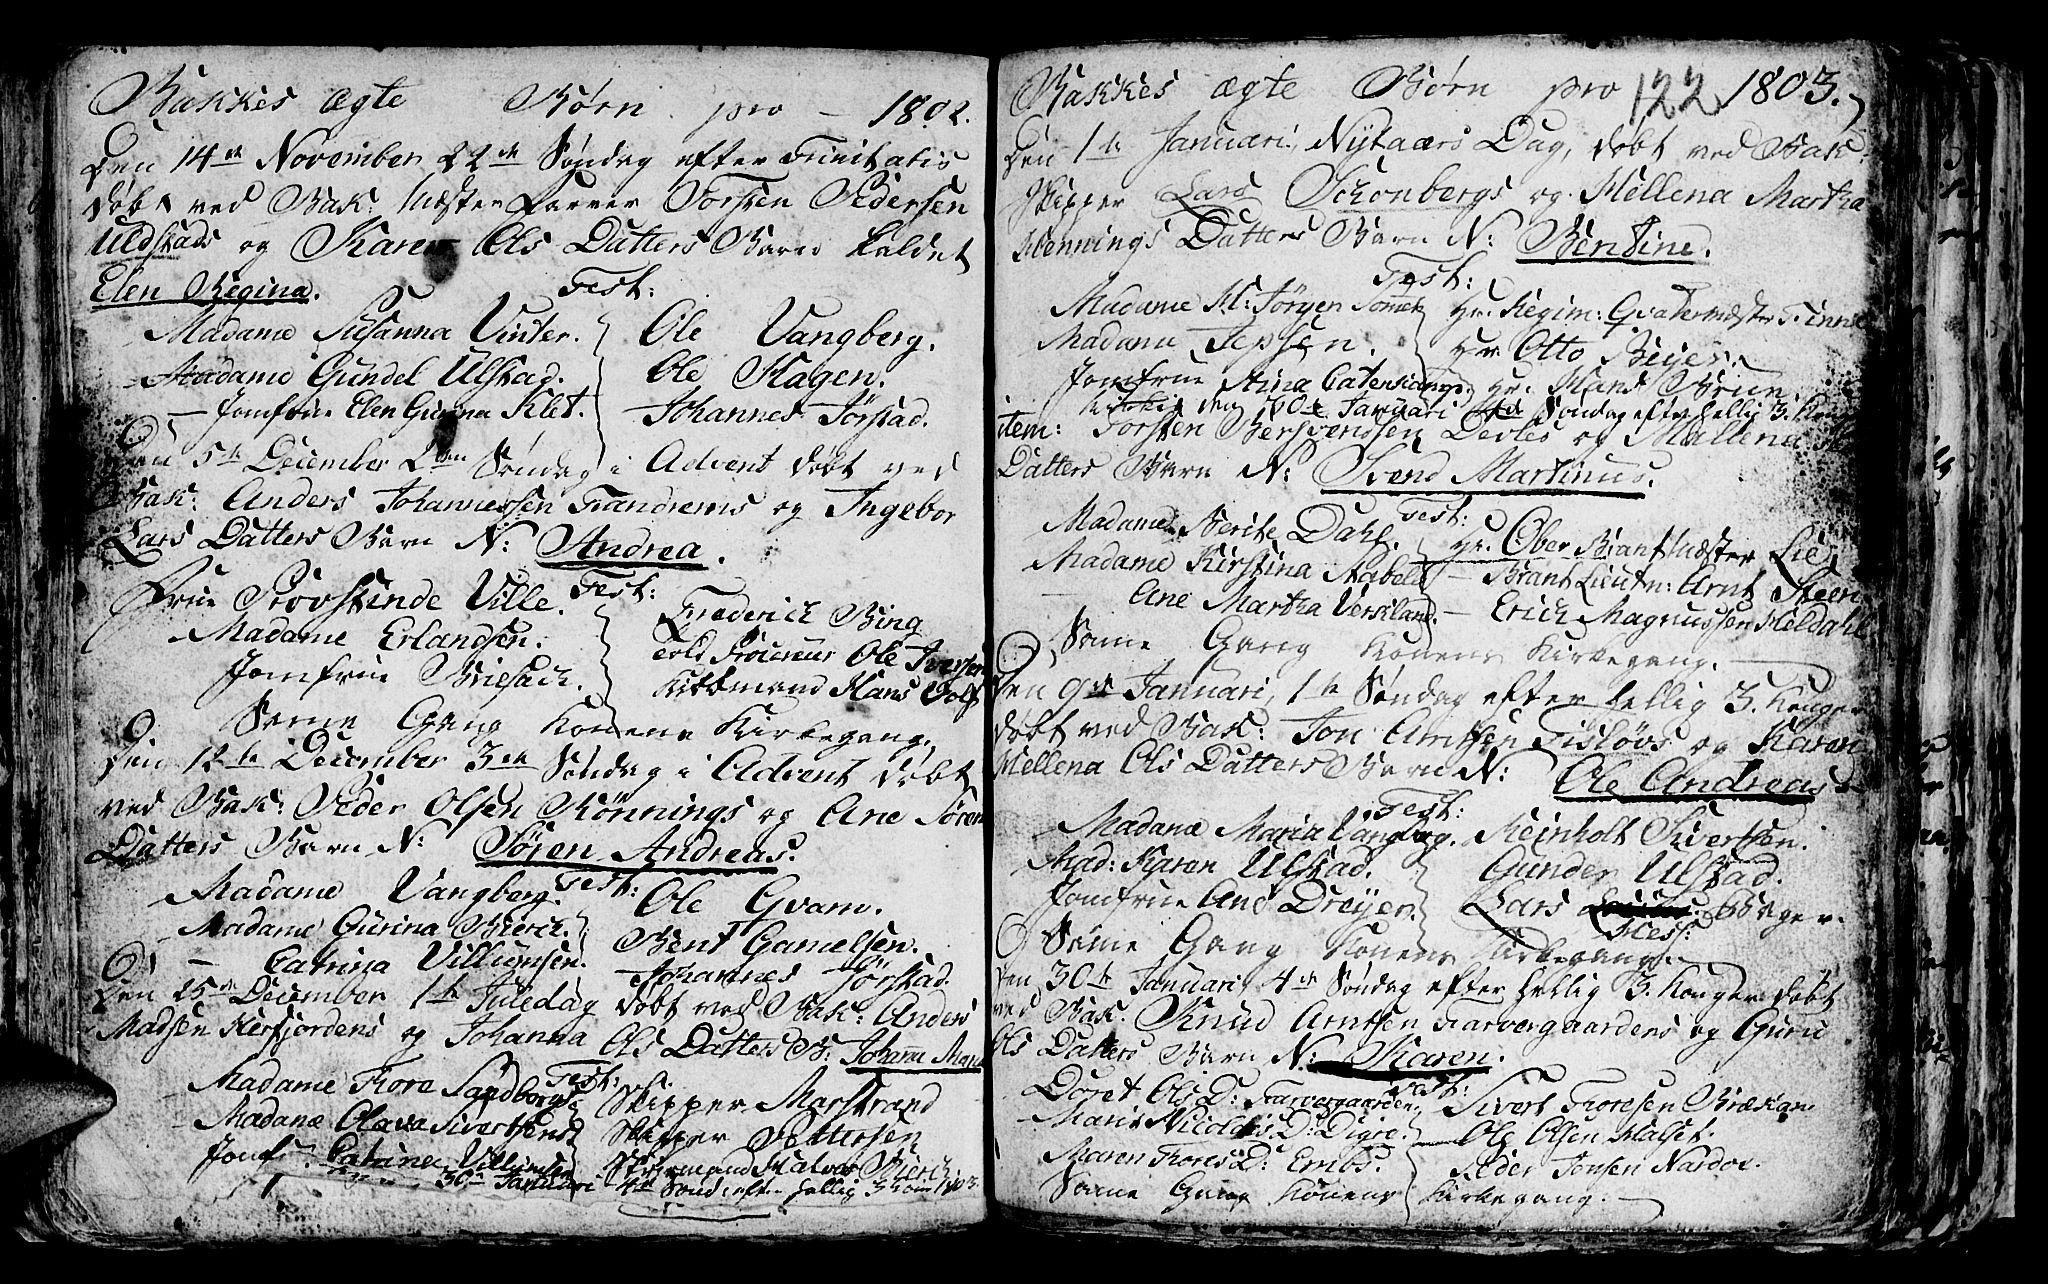 SAT, Ministerialprotokoller, klokkerbøker og fødselsregistre - Sør-Trøndelag, 604/L0218: Klokkerbok nr. 604C01, 1754-1819, s. 122